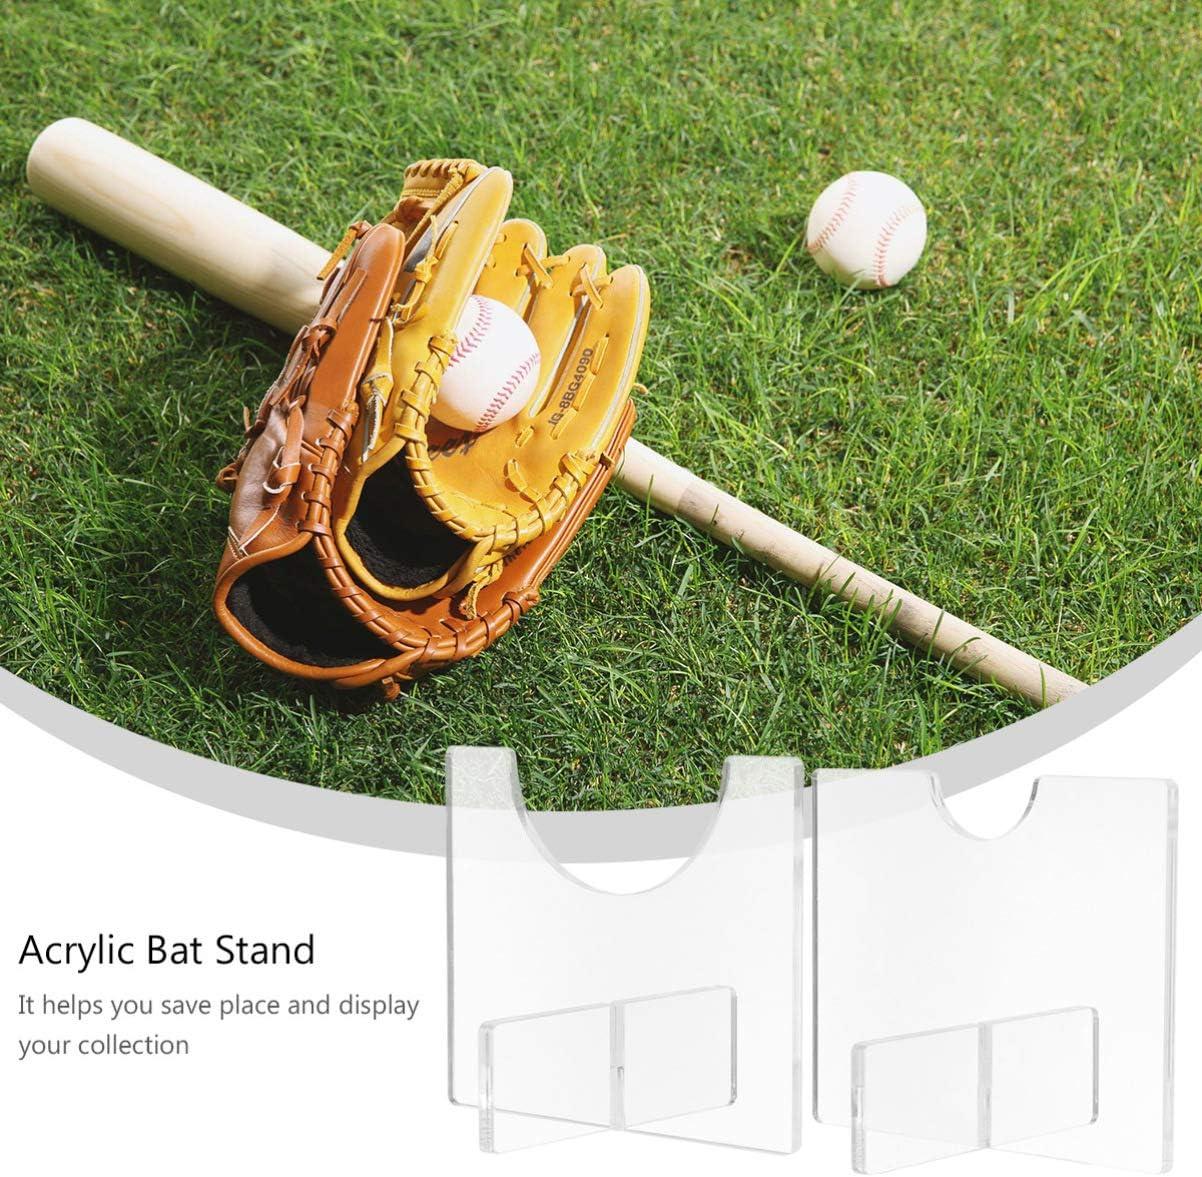 Adatto a Tutte Le Mazze da Baseball XinSa 2 Pezzi Porta Mazza da Baseball Mazze da Softball Supporto per Mazza da Baseball ECC Mazze da Hockey